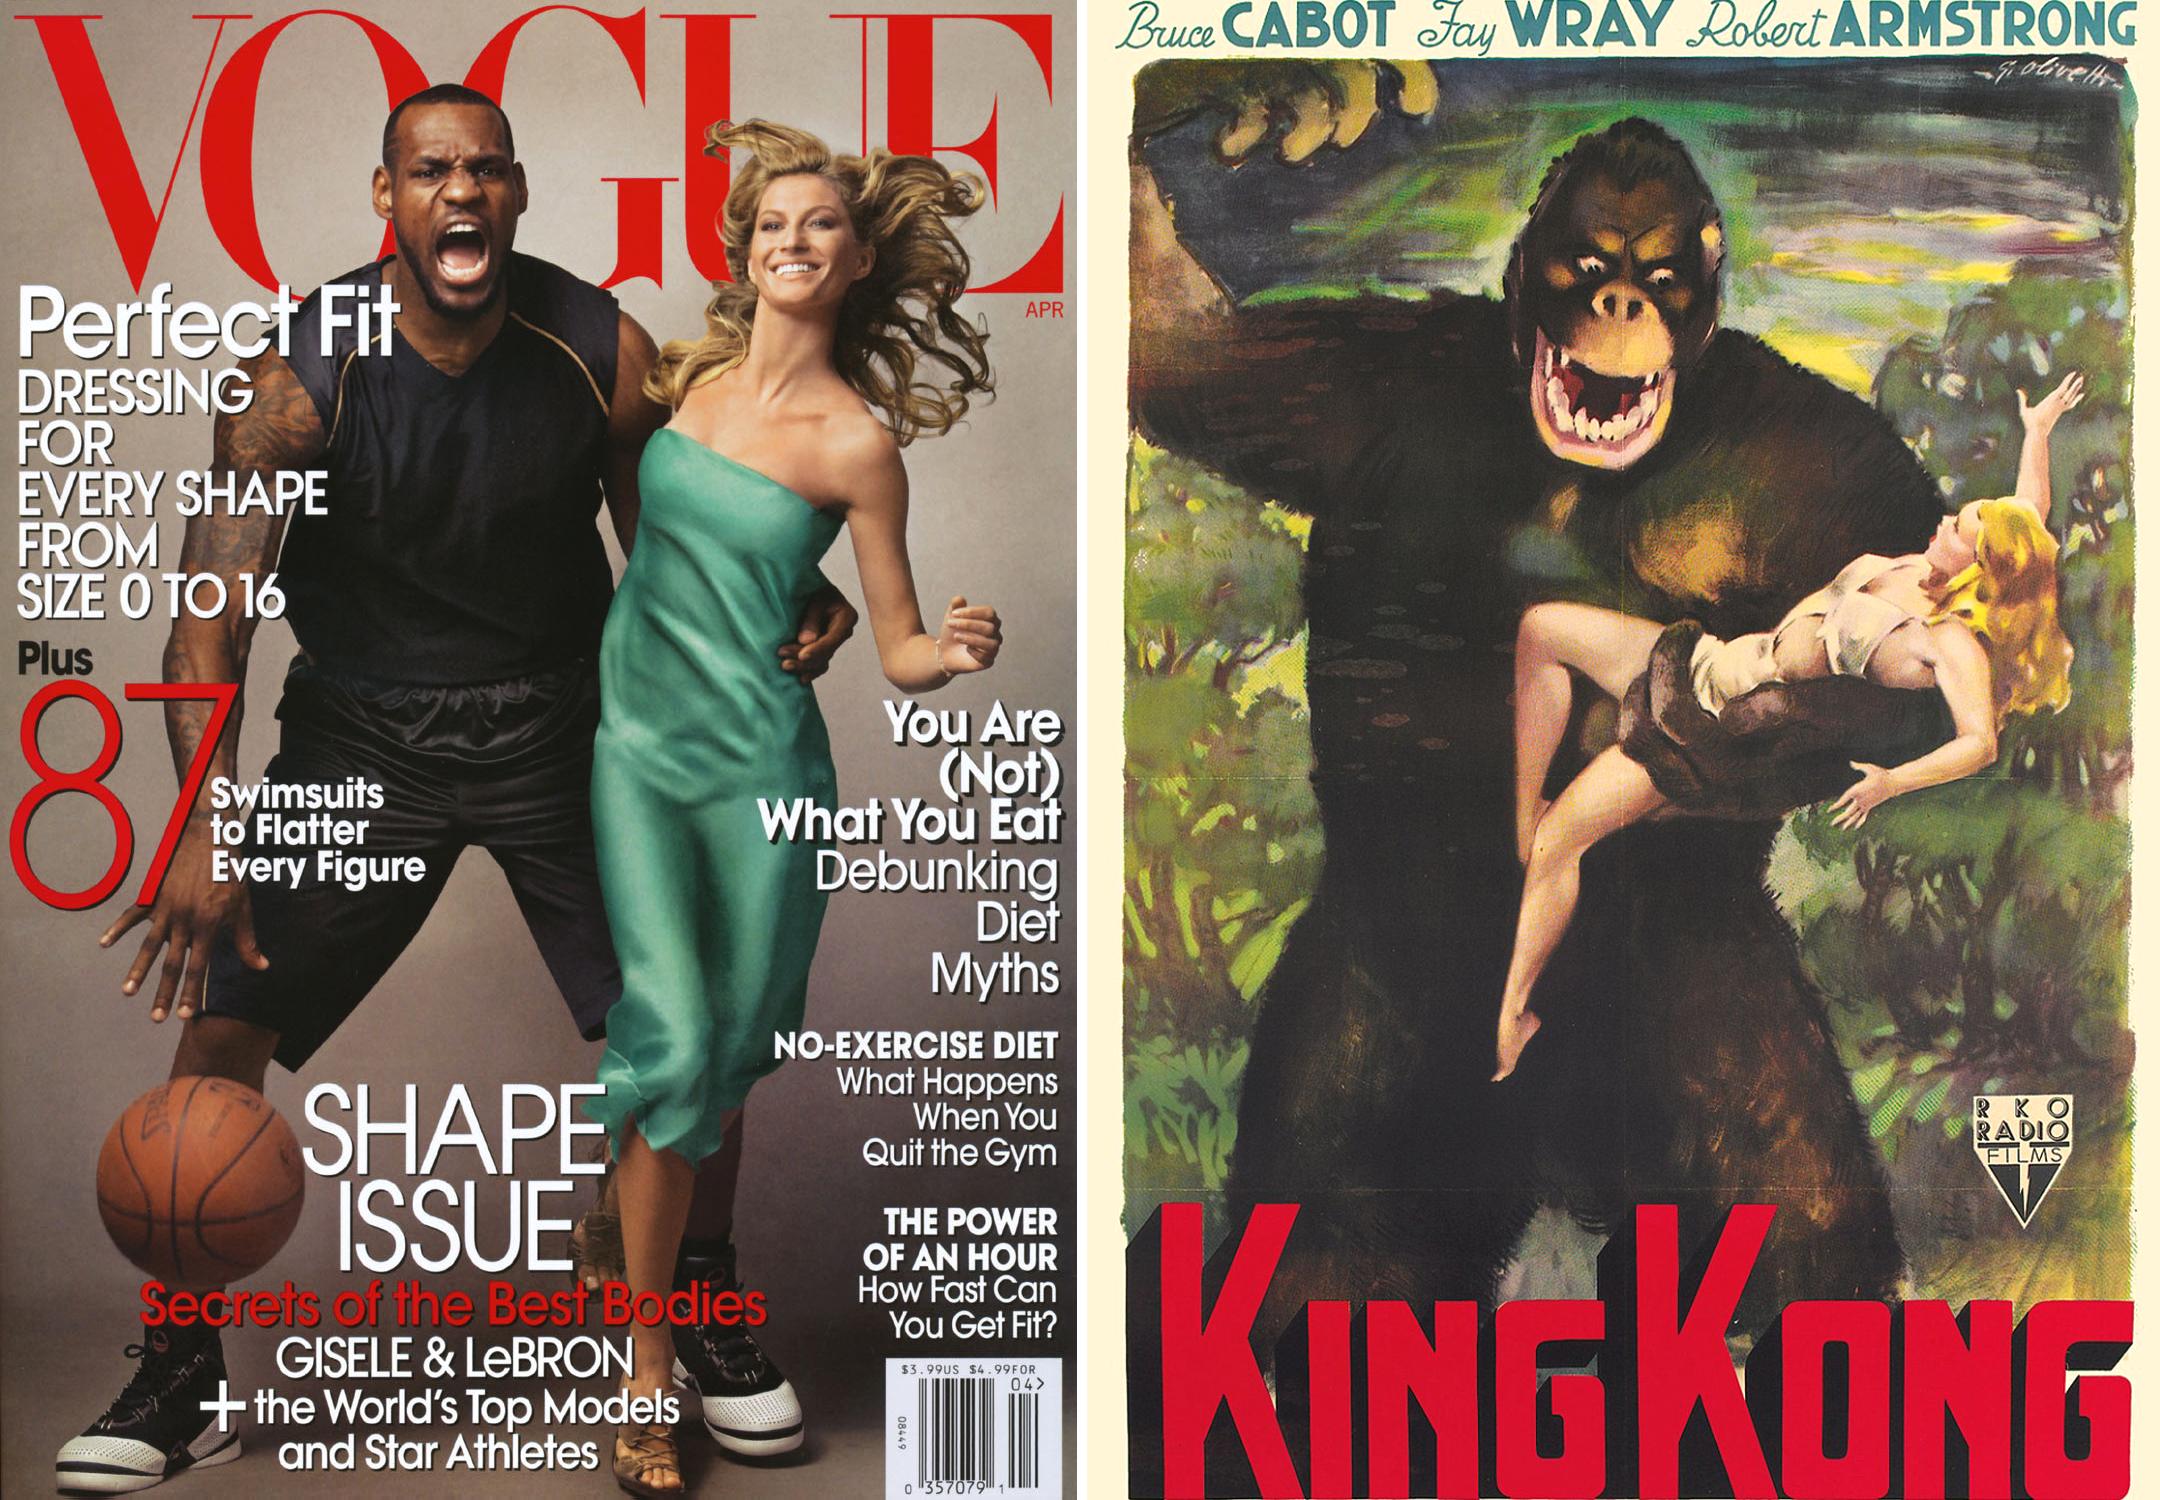 Обложка Vogue с Леброном Джеймсом и Жизель Бюндхен и Кинг-Конг